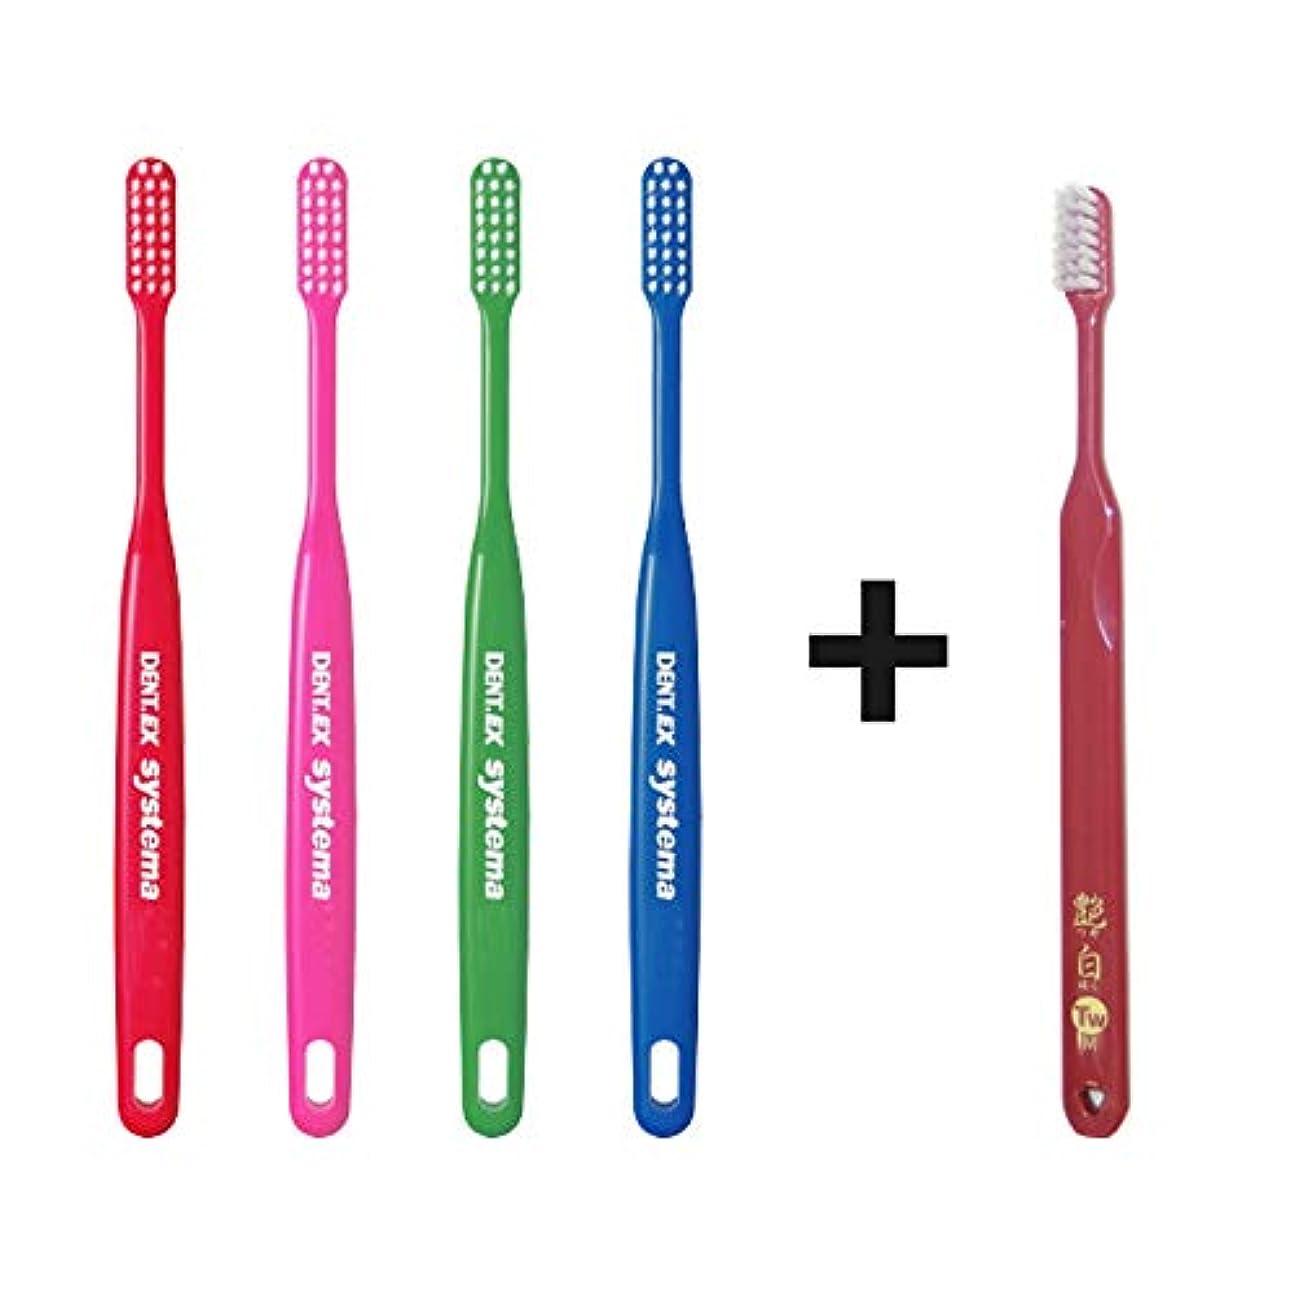 デュアル以来入るライオン DENT EX システマ 歯ブラシ 42M(レギュラー かため)× 4本 +「艶白(つやはく)」歯ブラシ ツイン(M) × 1本 (日本製) 歯周病予防